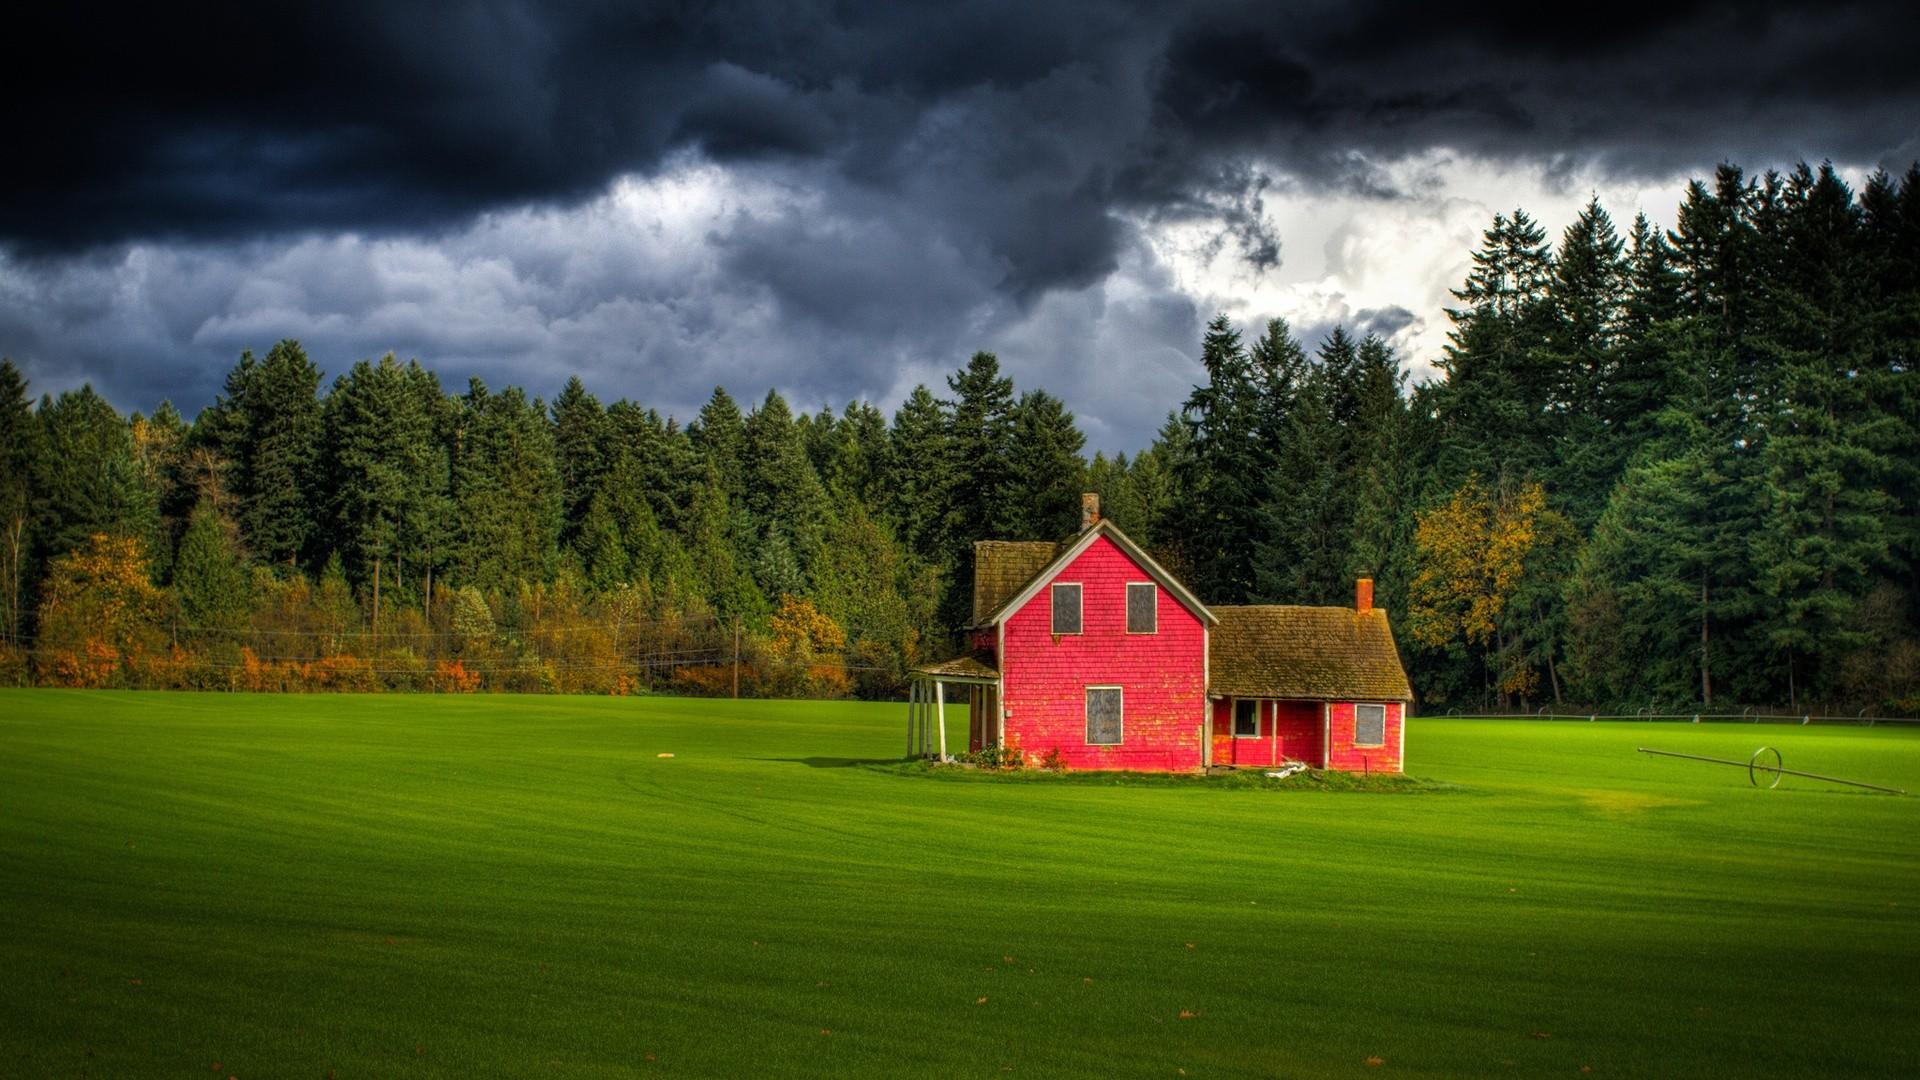 nature ferme rouge milieu champs sous ciel orage wallpaper red farm 1920x1080